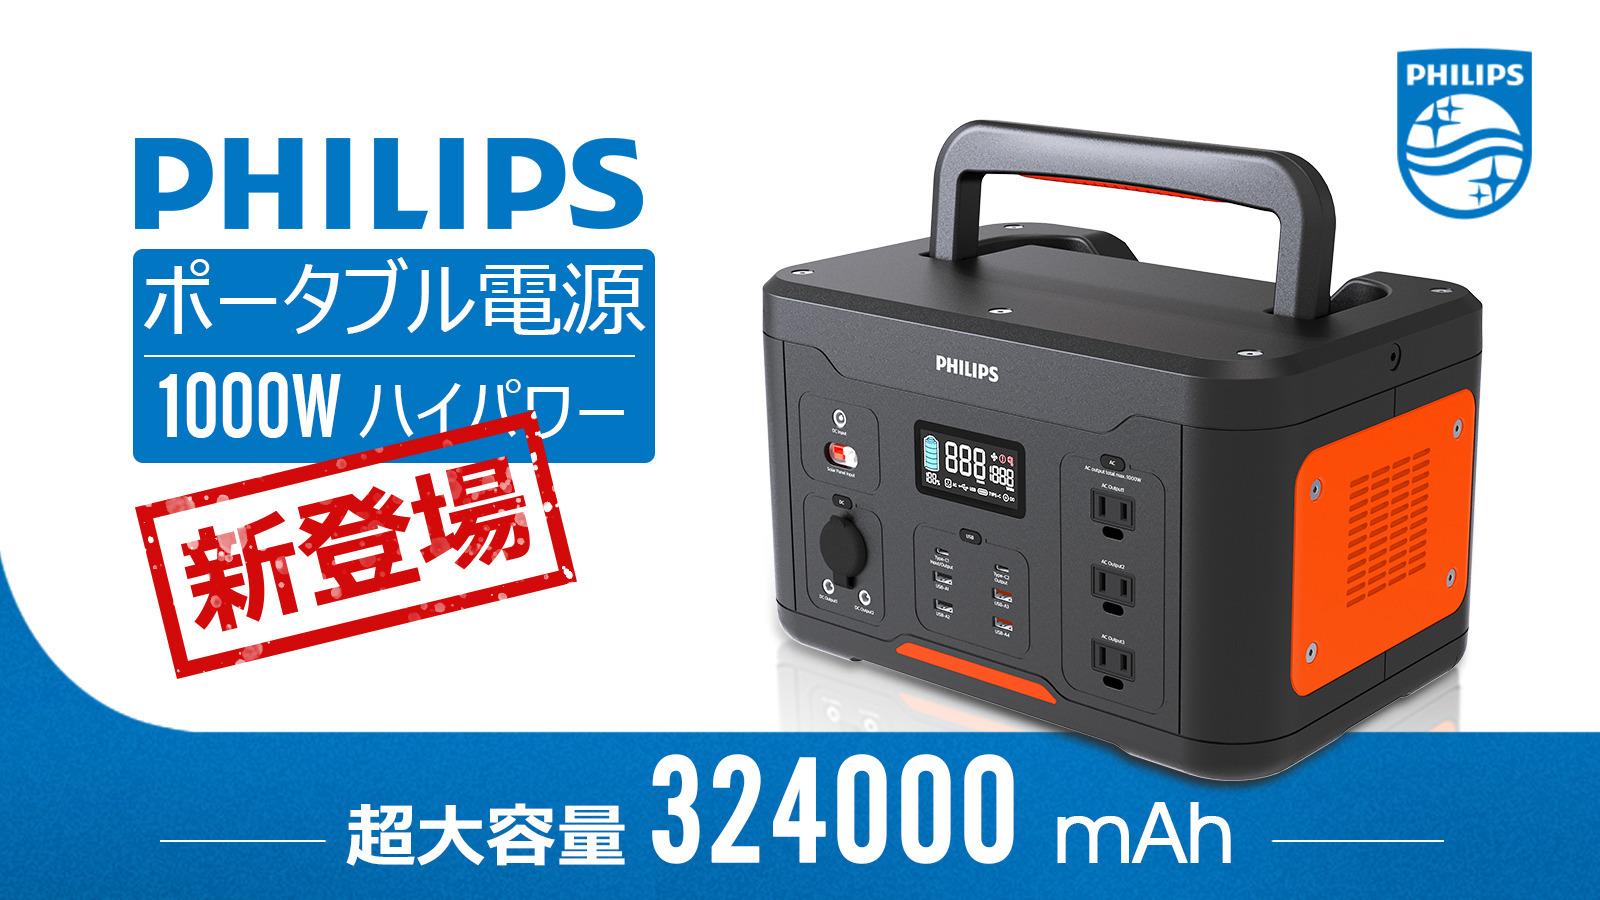 ポータブル電源「DLP-8092C」